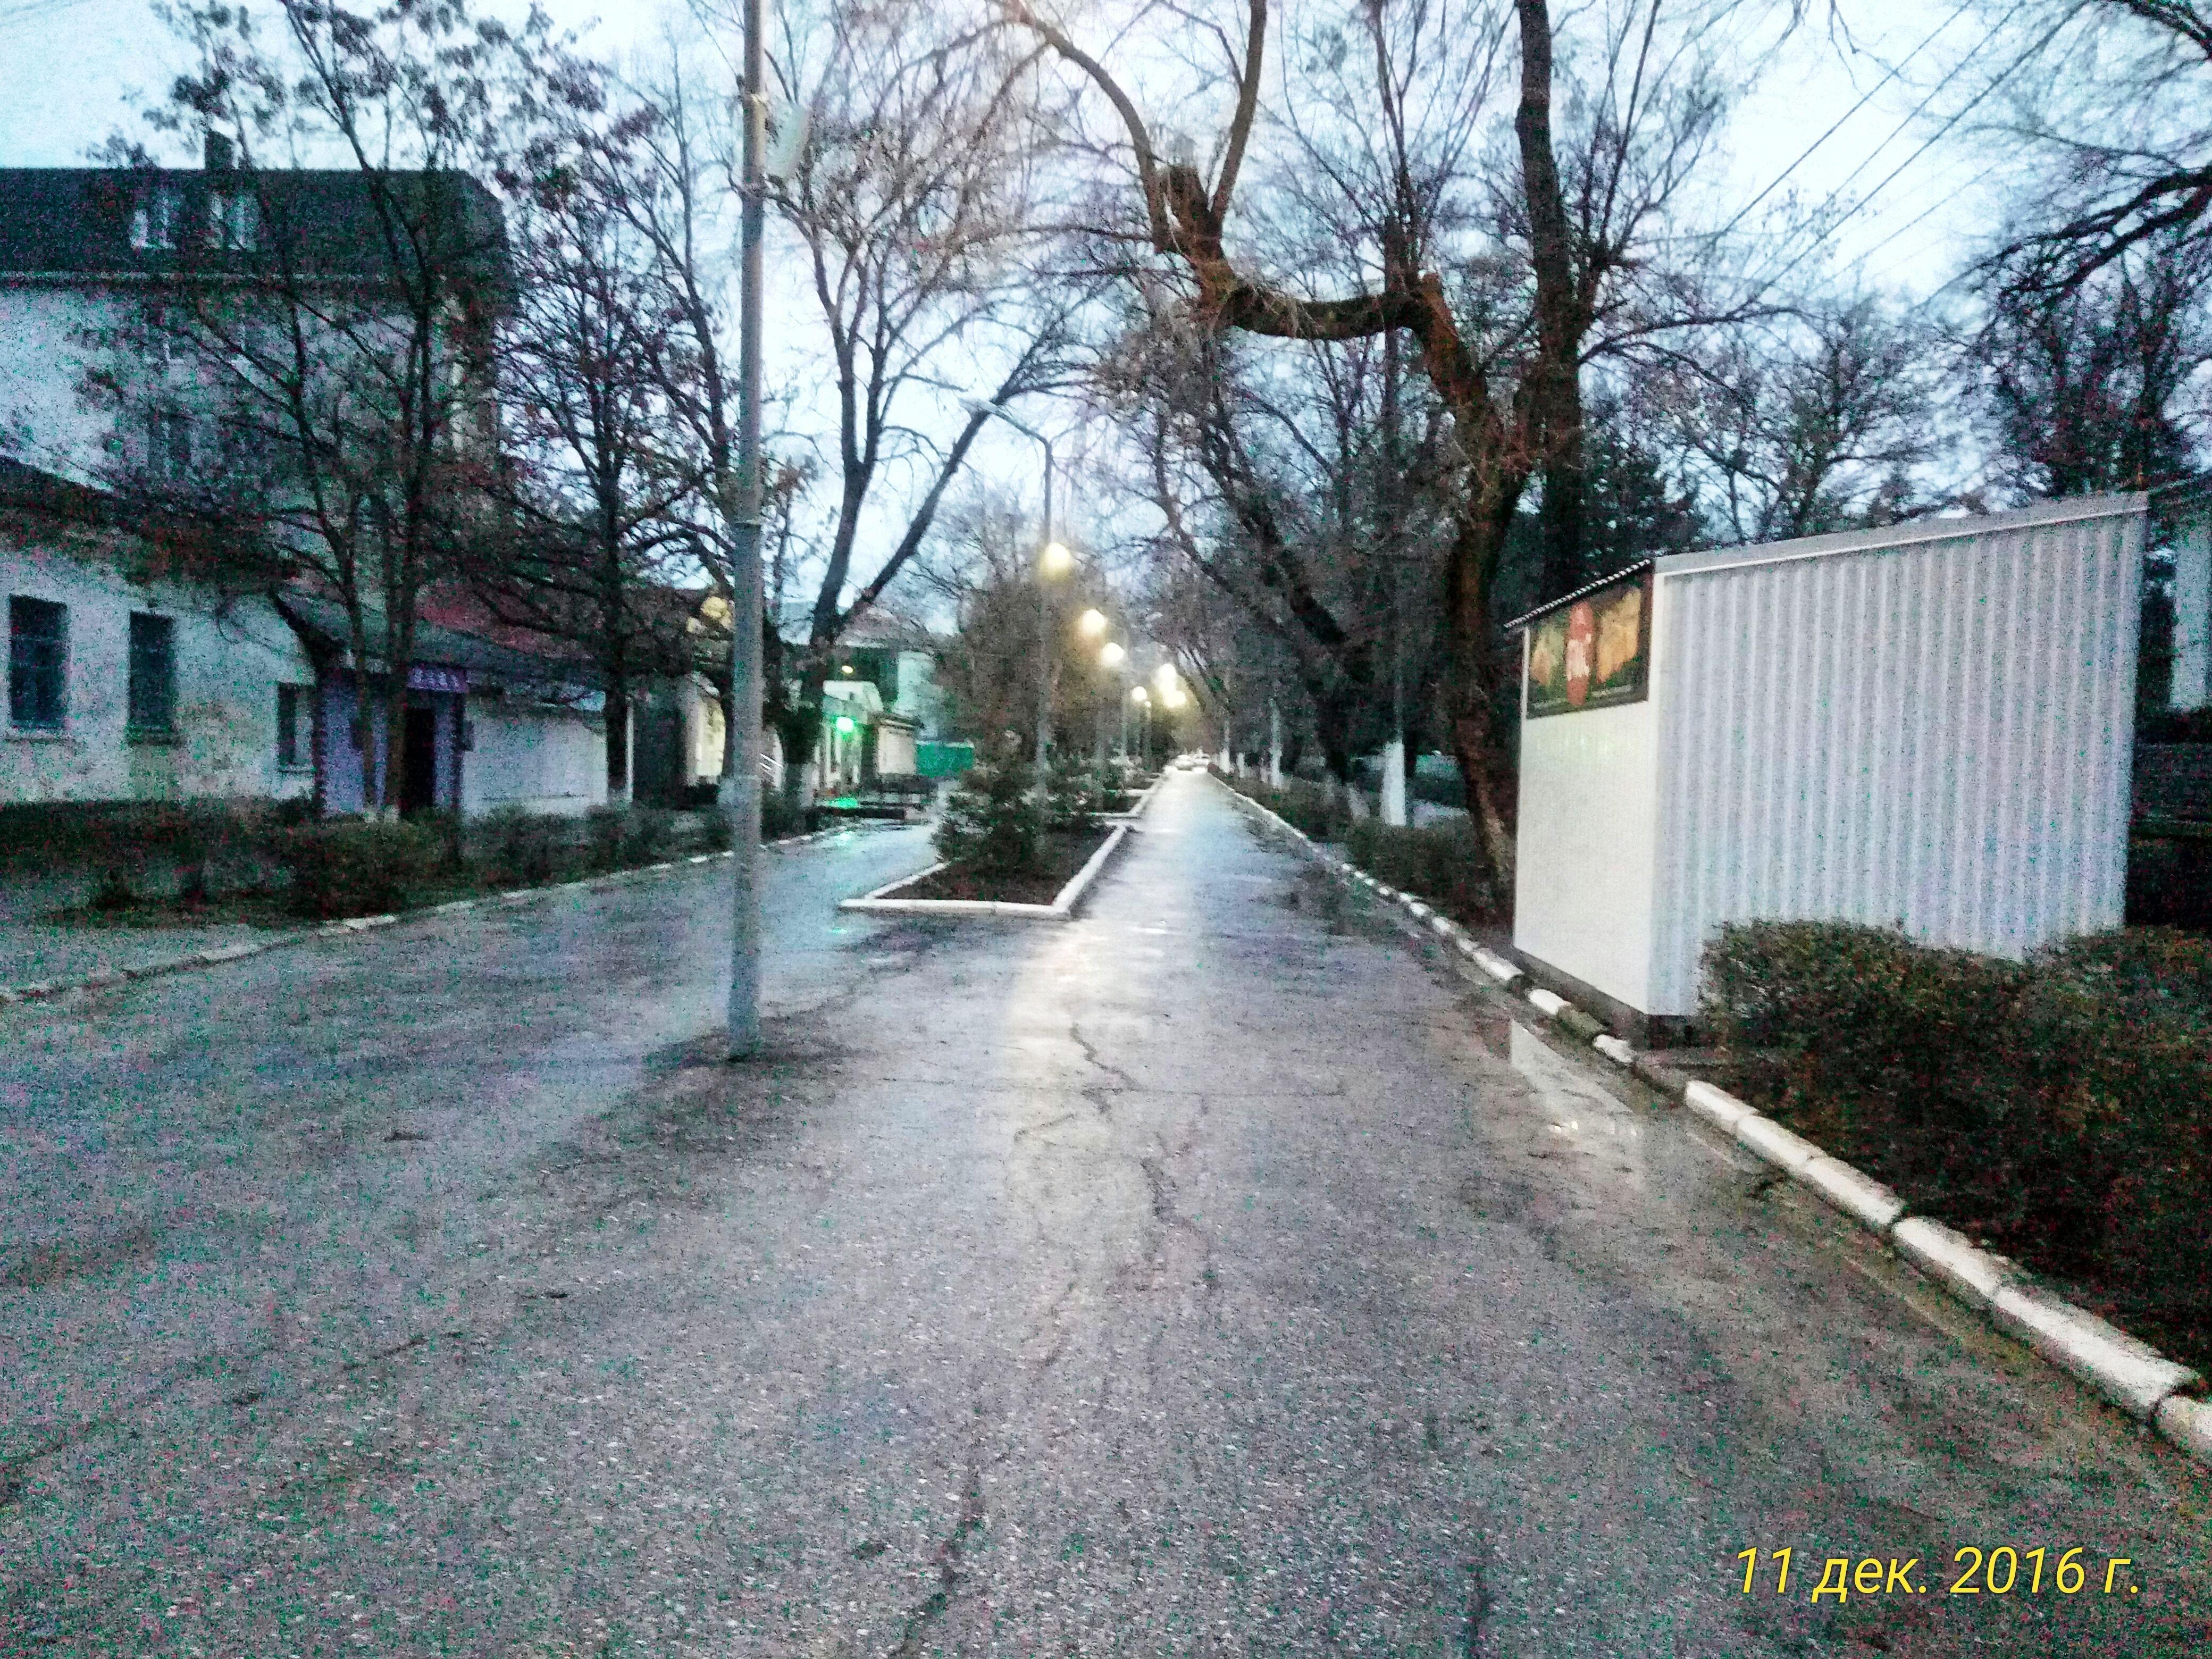 Утро в Белогорске в Крыму фото заметка о моей реальности в Крыму jokya.ru